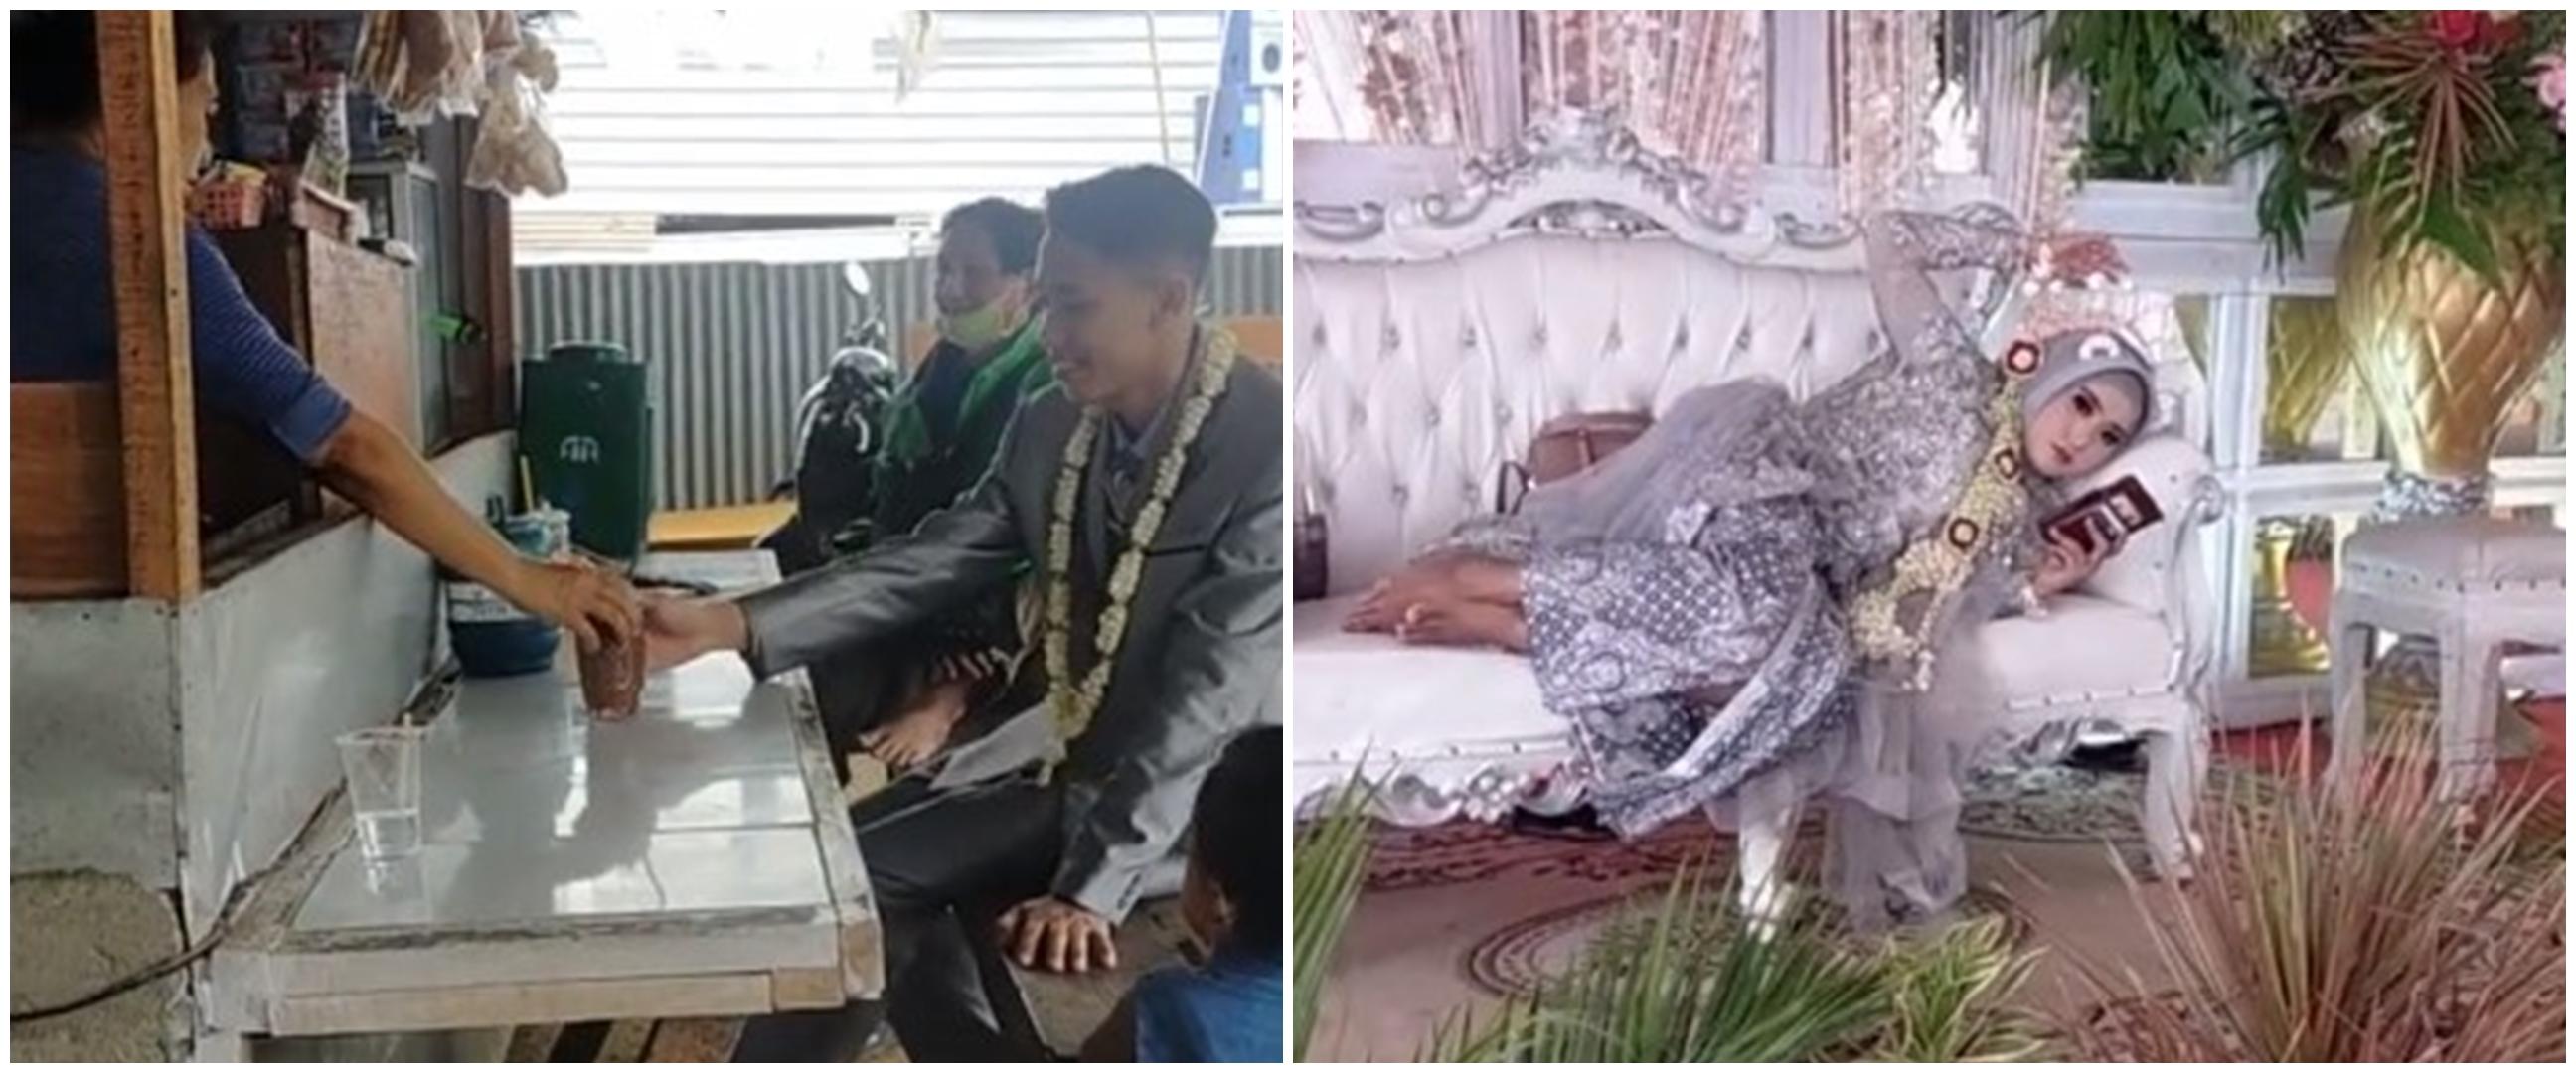 Viral pasangan gelar acara nikah dengan cara unik, kelewat santai